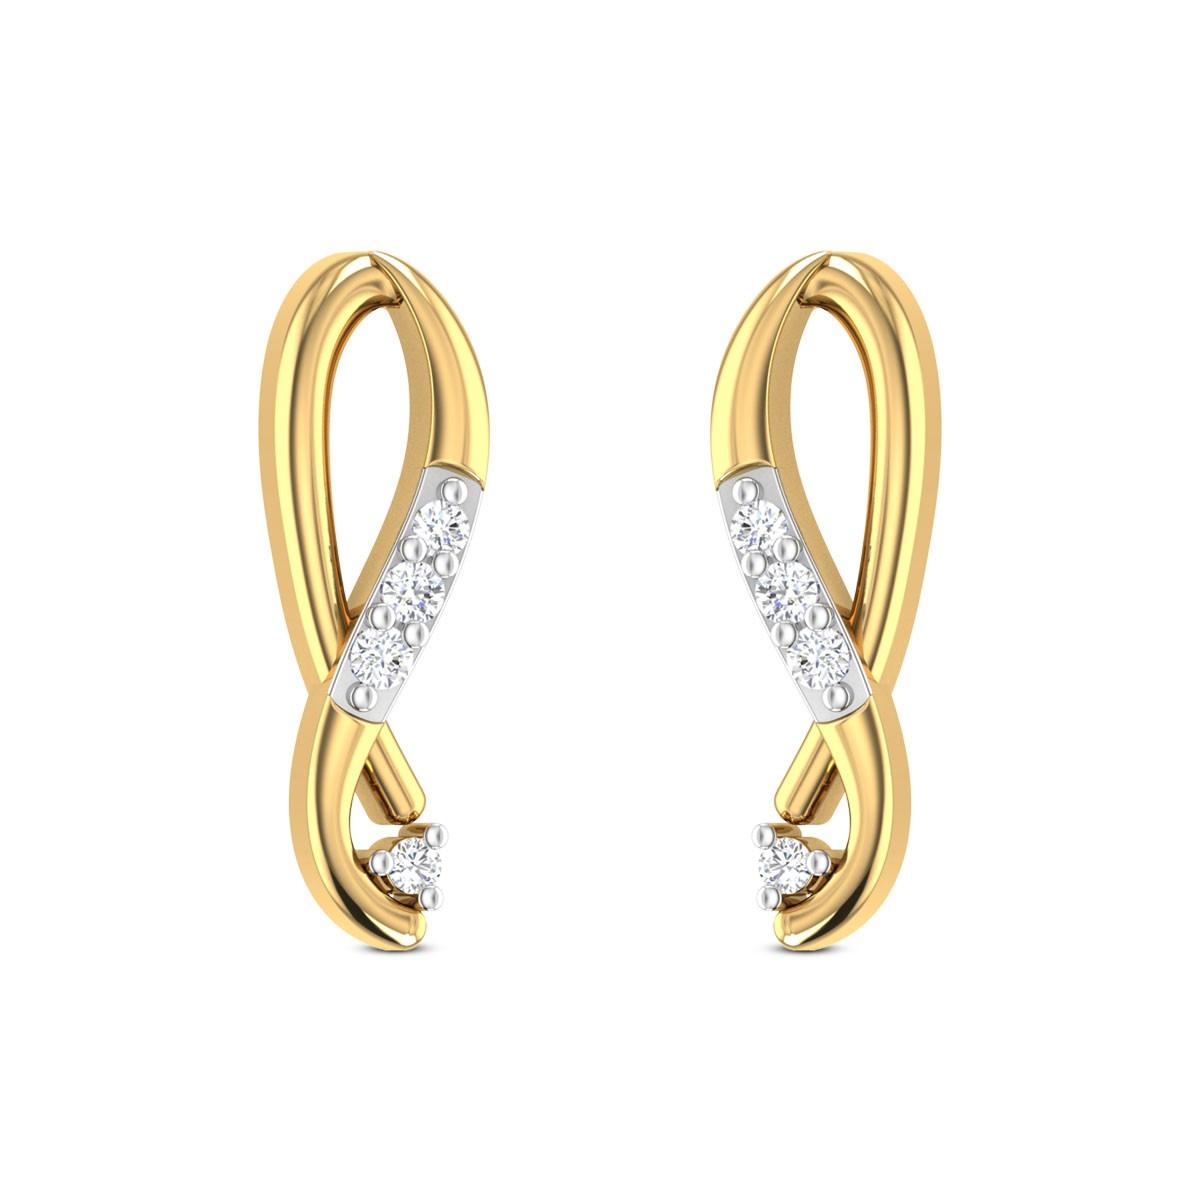 Ganymede Stud Earrings